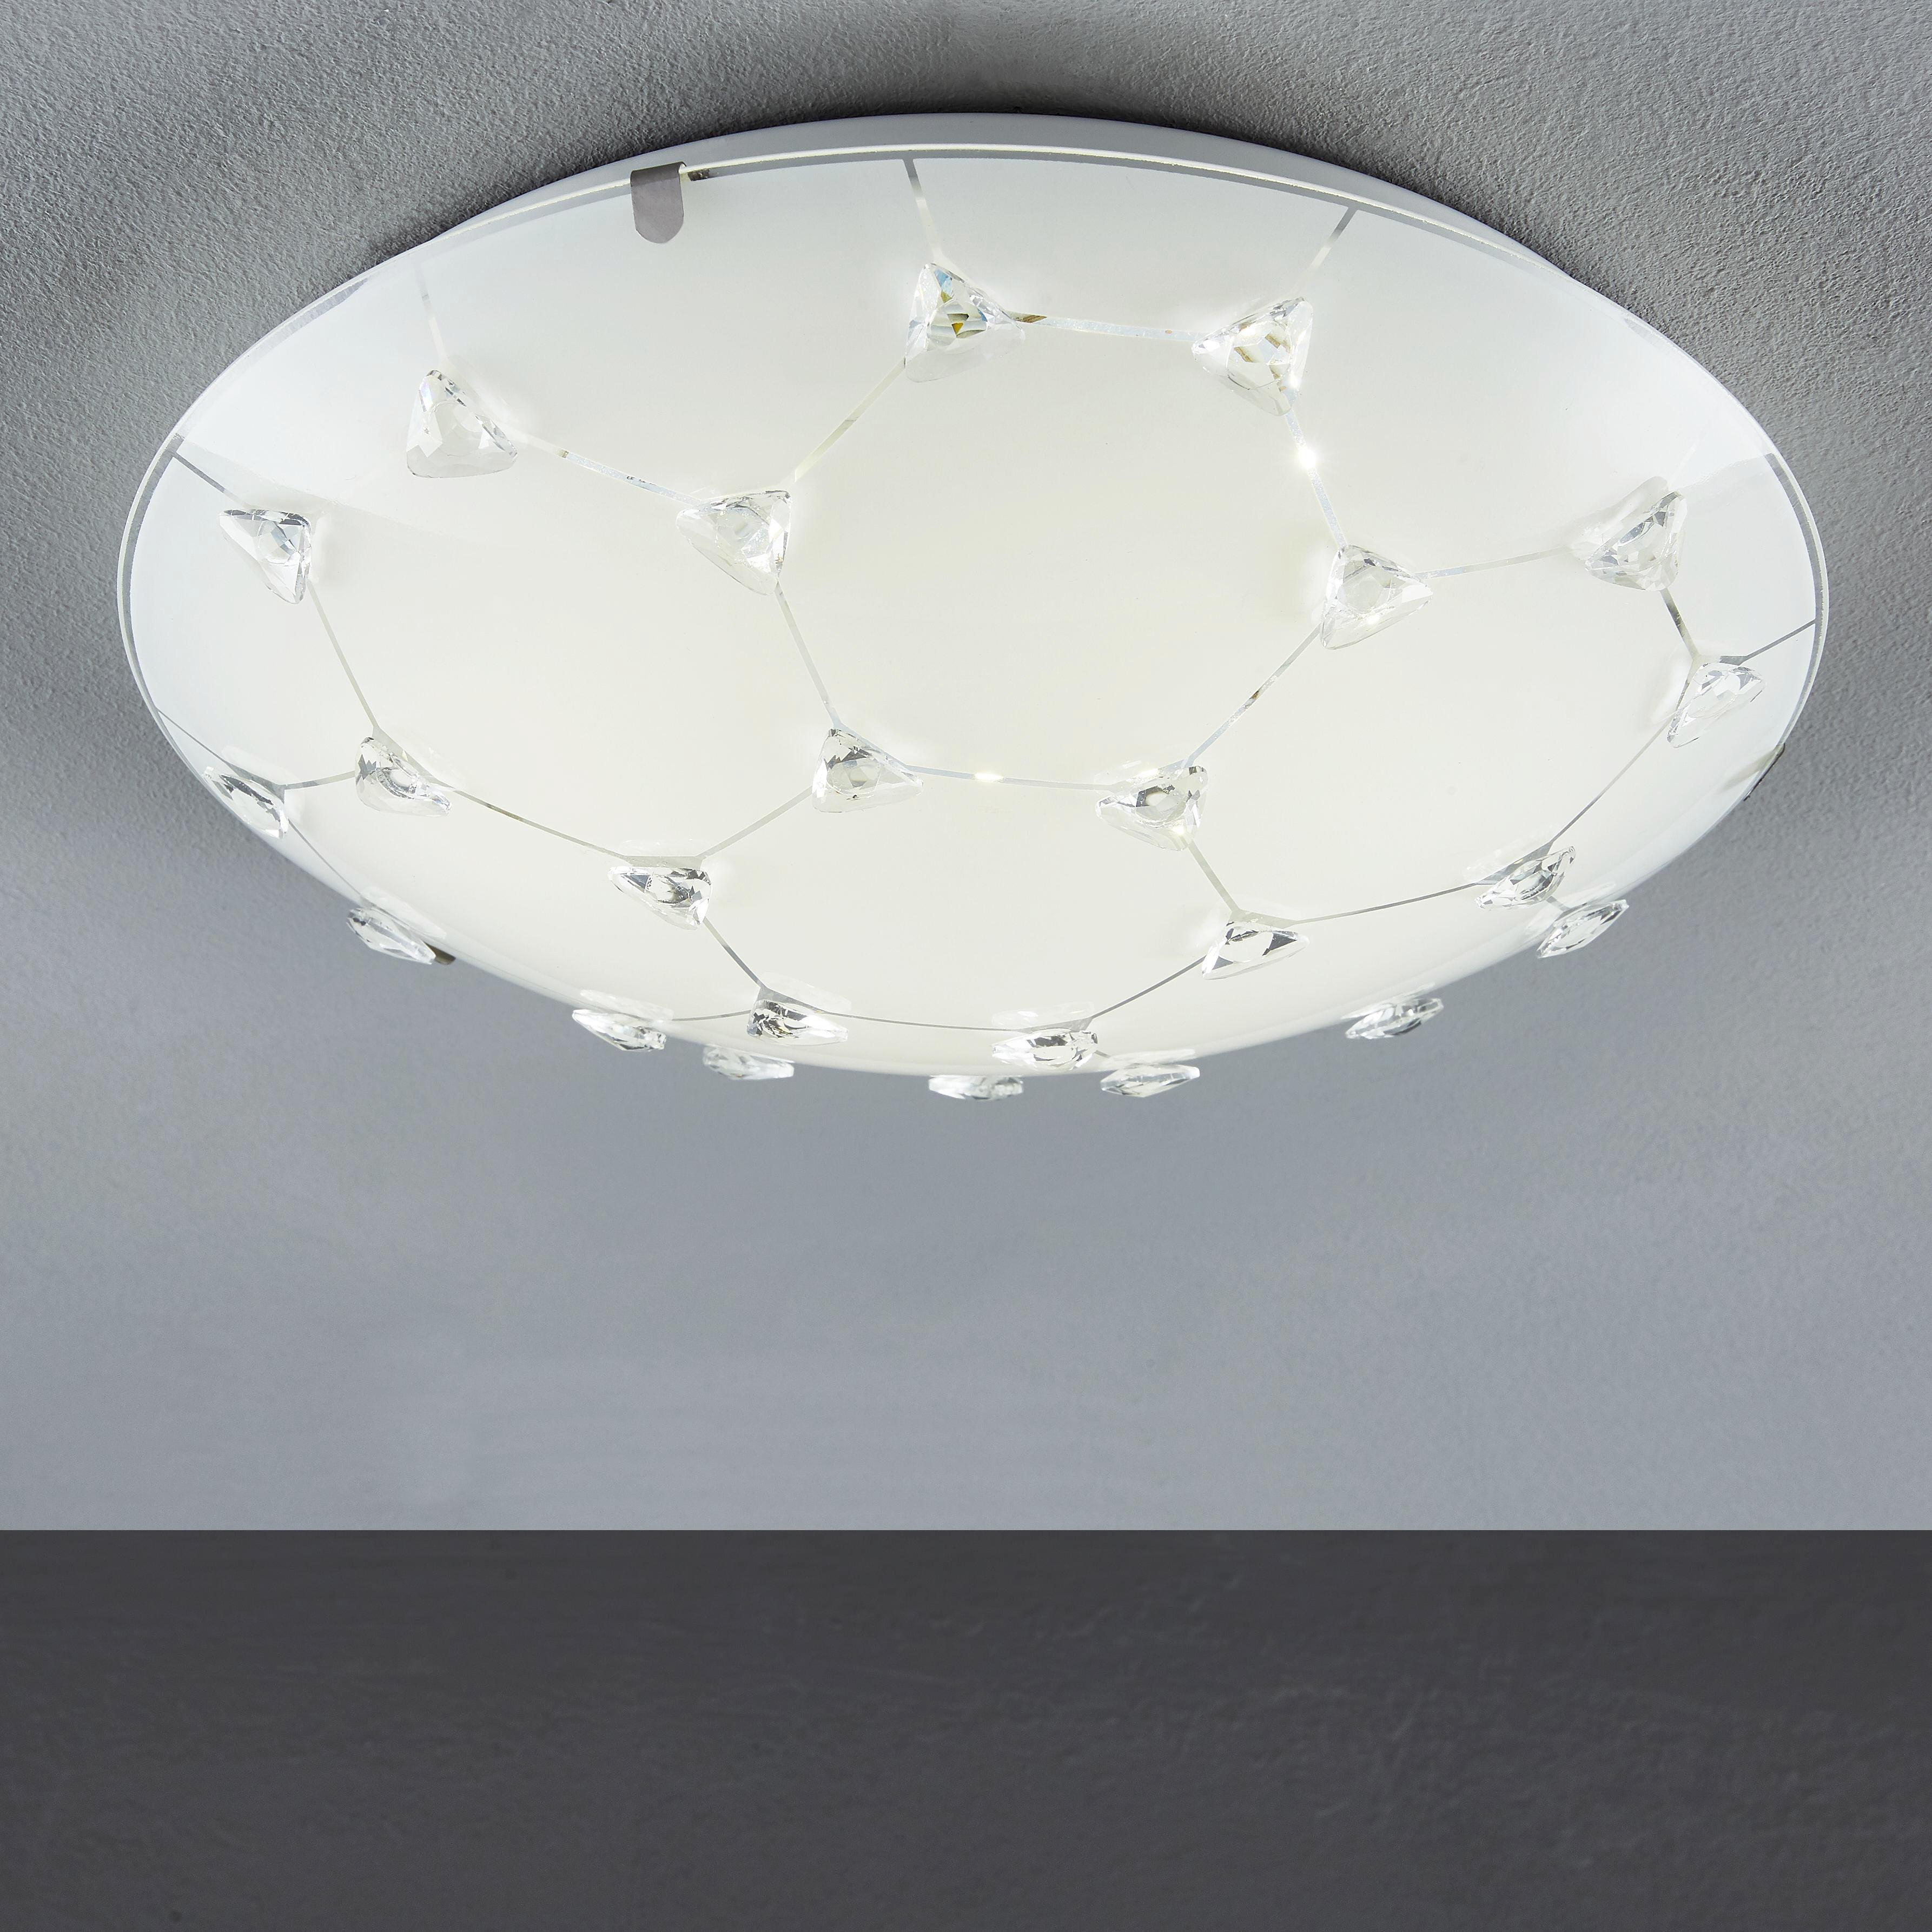 LED STROPNÍ SVÍTIDLO - bílá, Design, sklo (30cm) - BOXXX